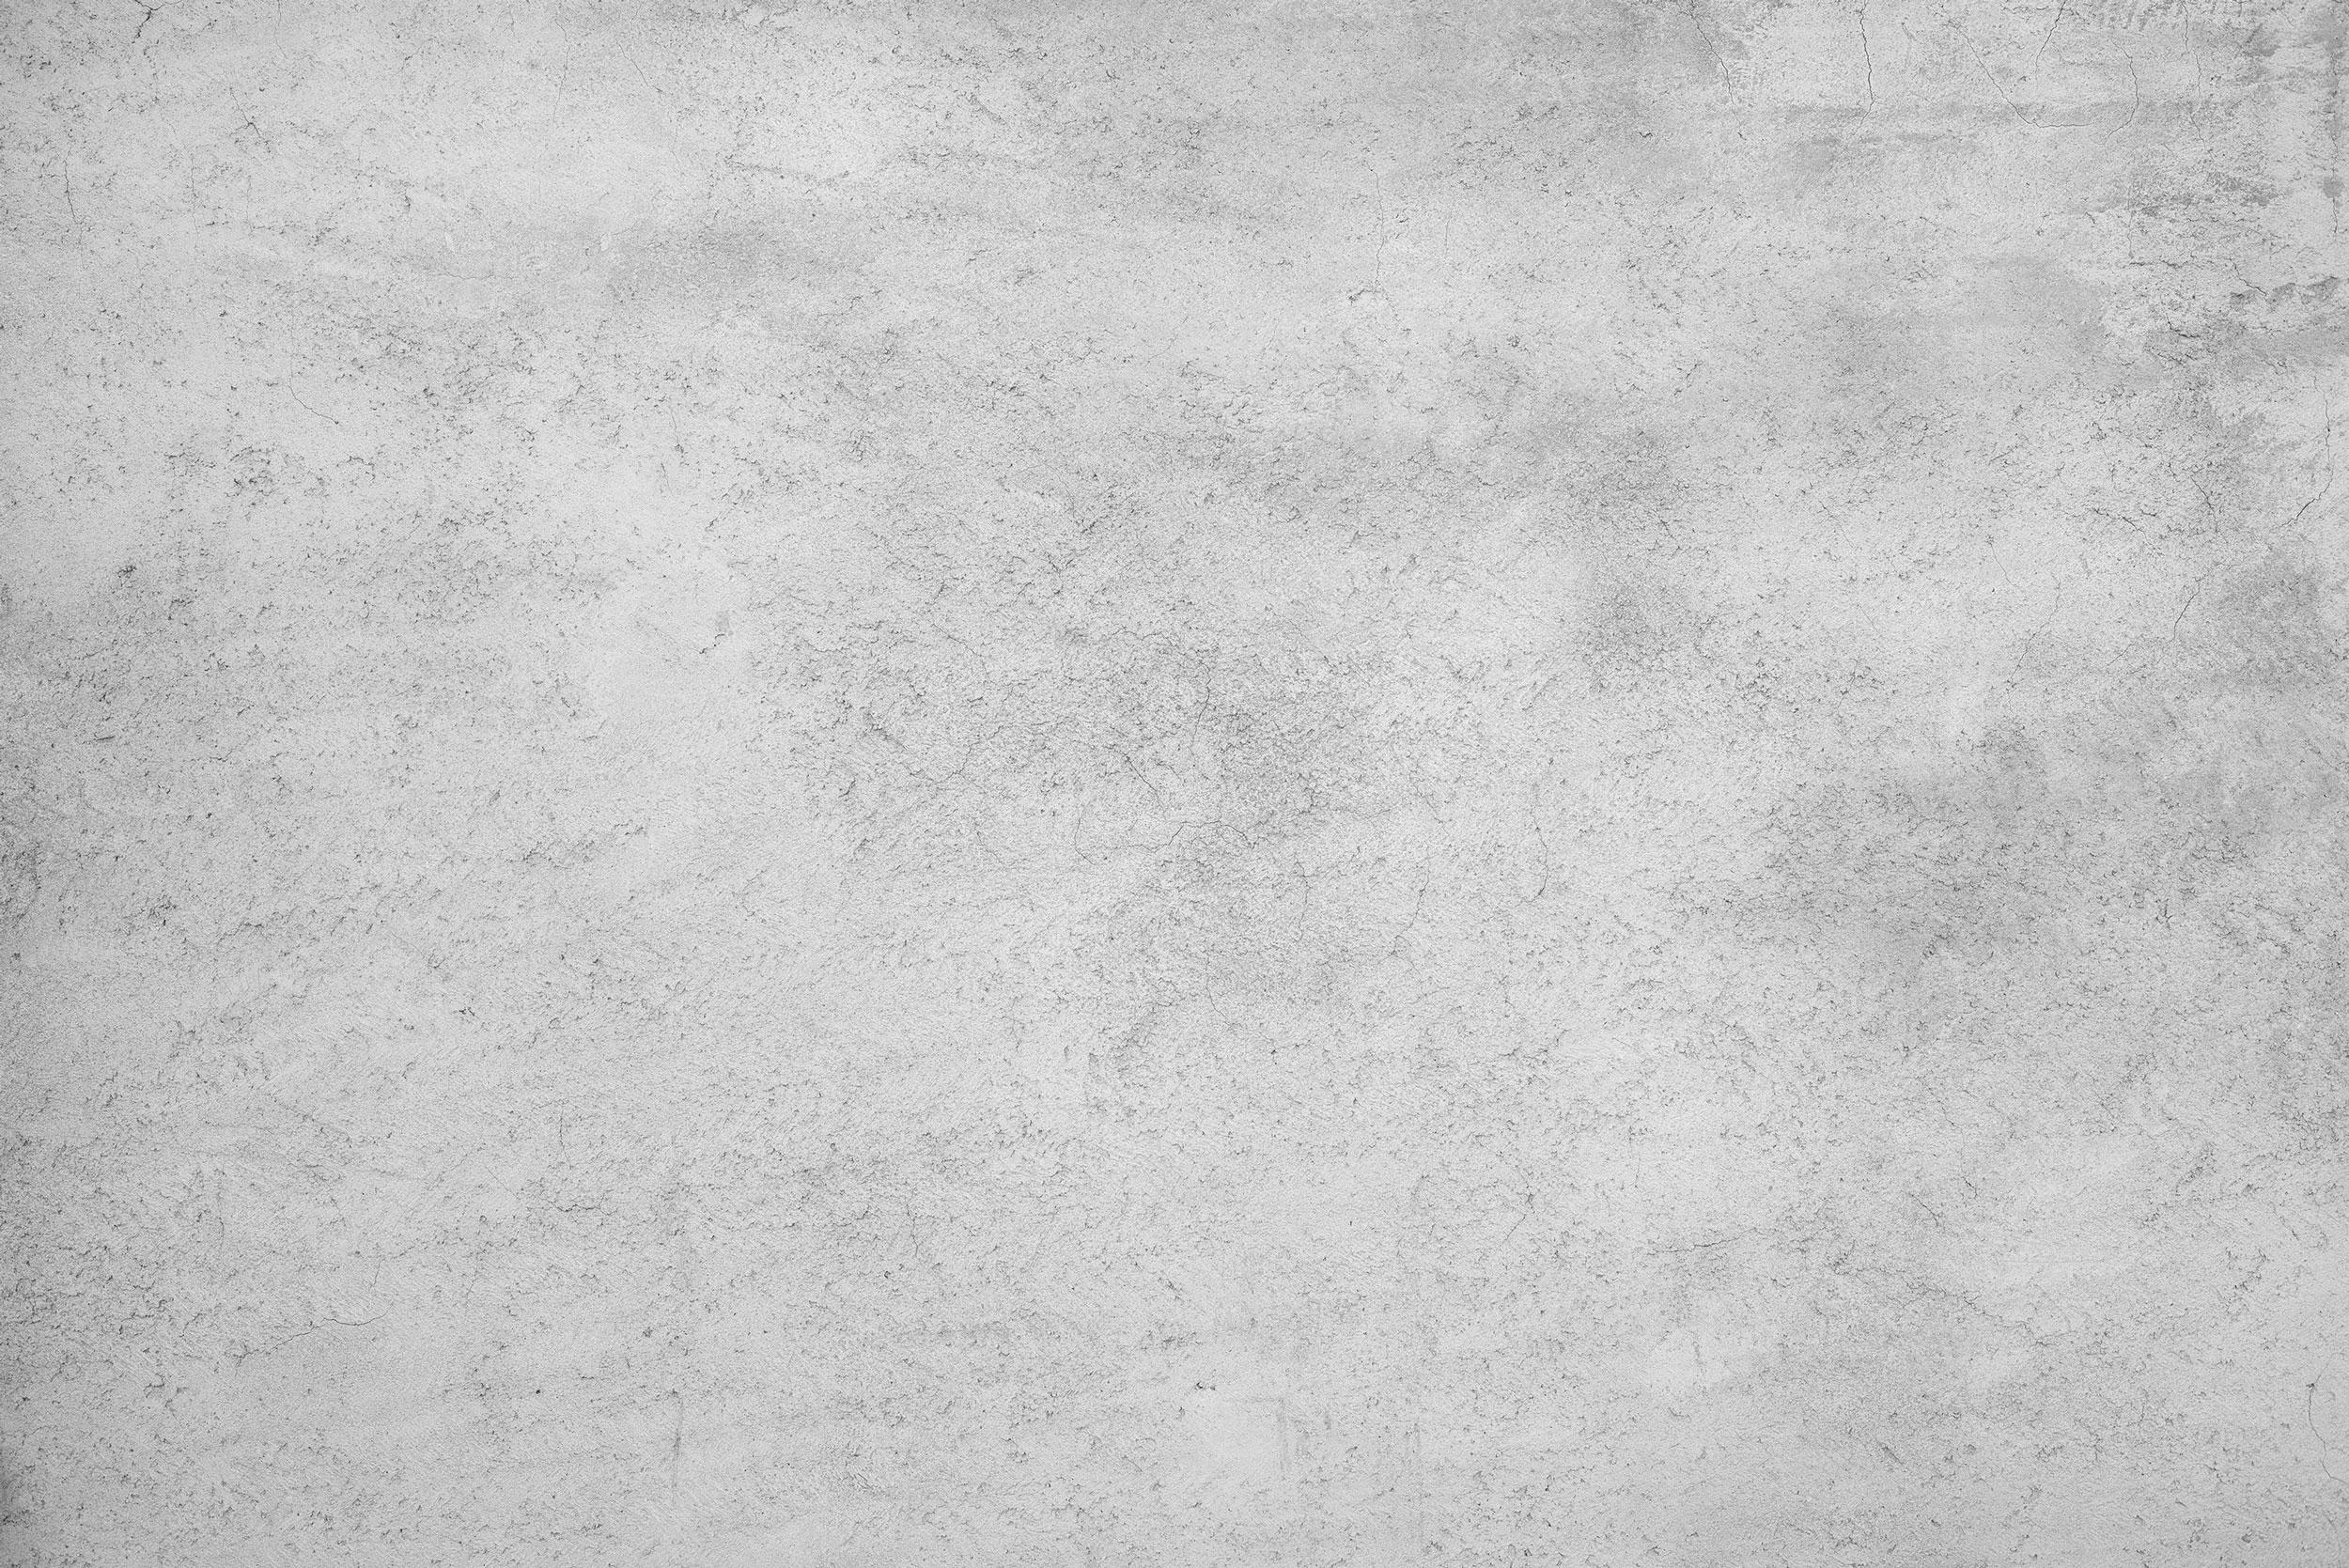 Картинка белый бетон текстура цементной стены серого цвета